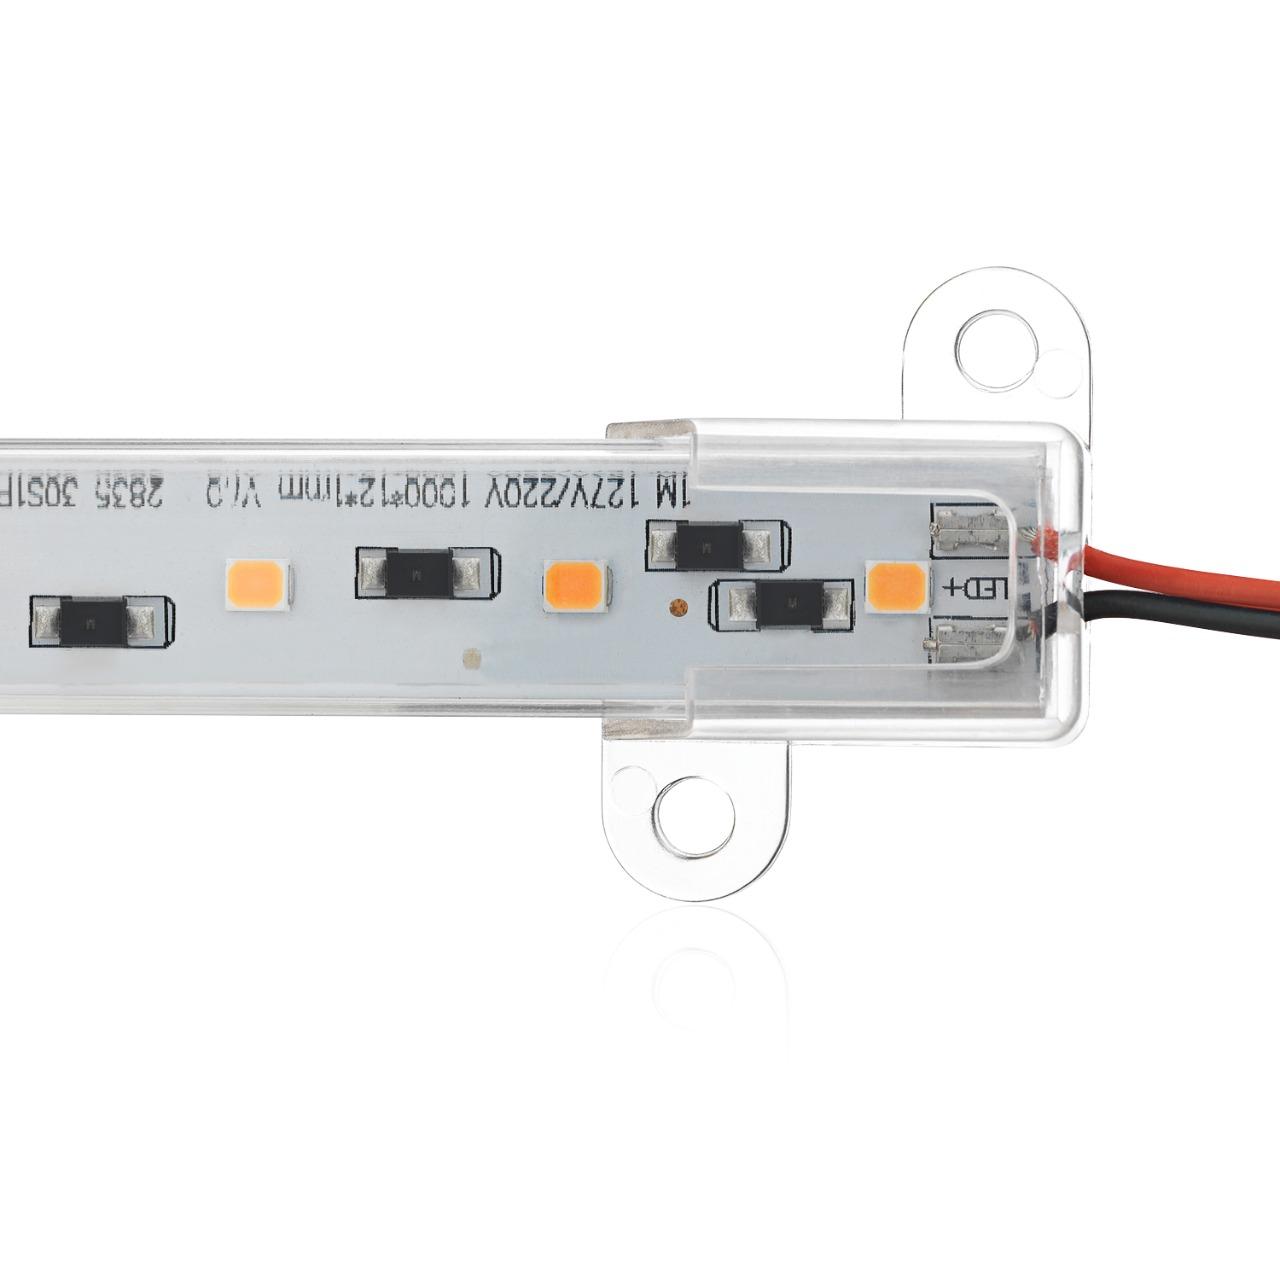 PLACA DE LED - PLUG & PLAY - 40W